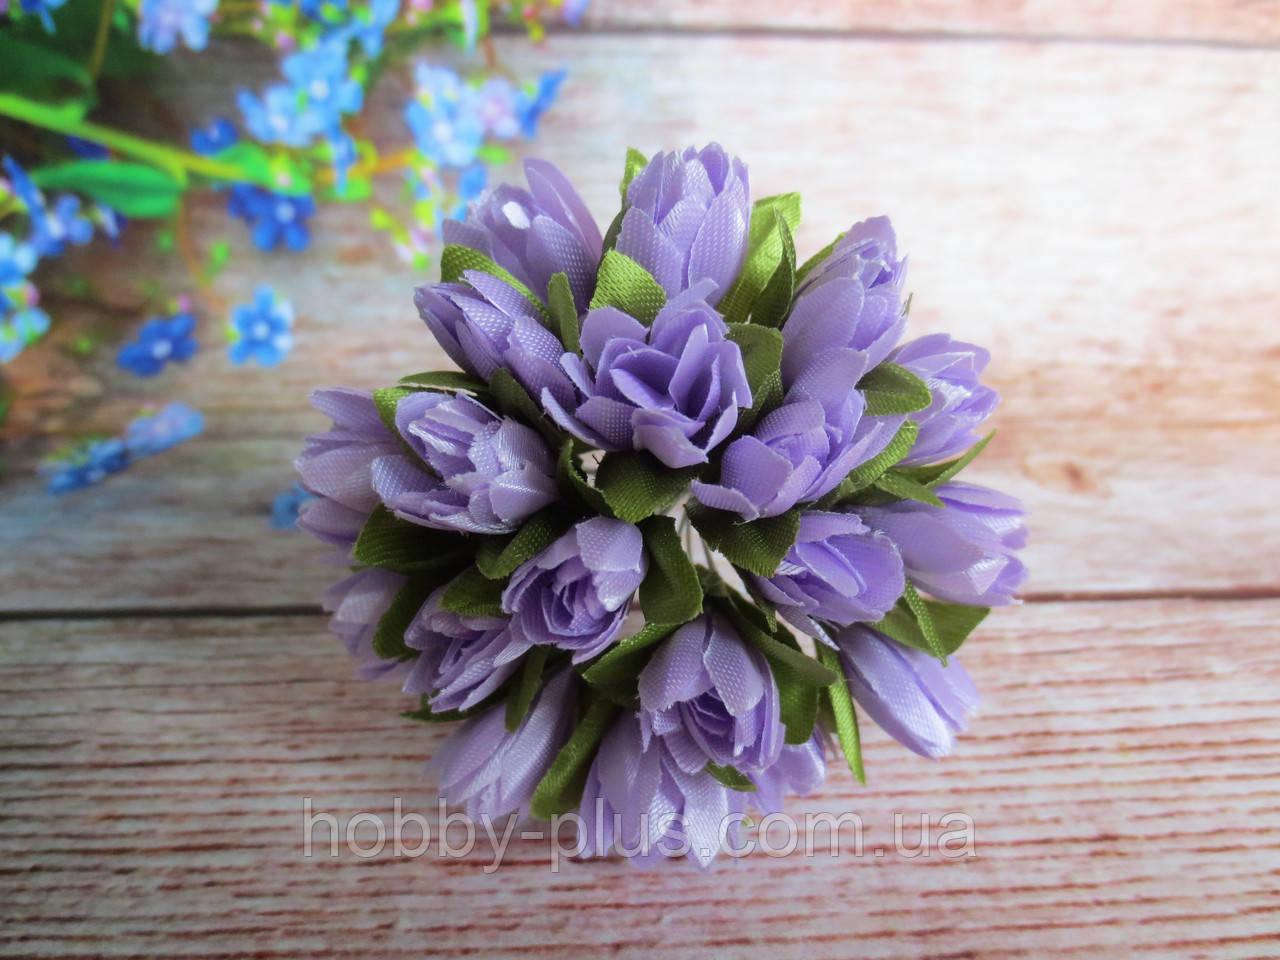 Тюльпан на проволочке, d 1 см, сиреневого цвета, 1 шт